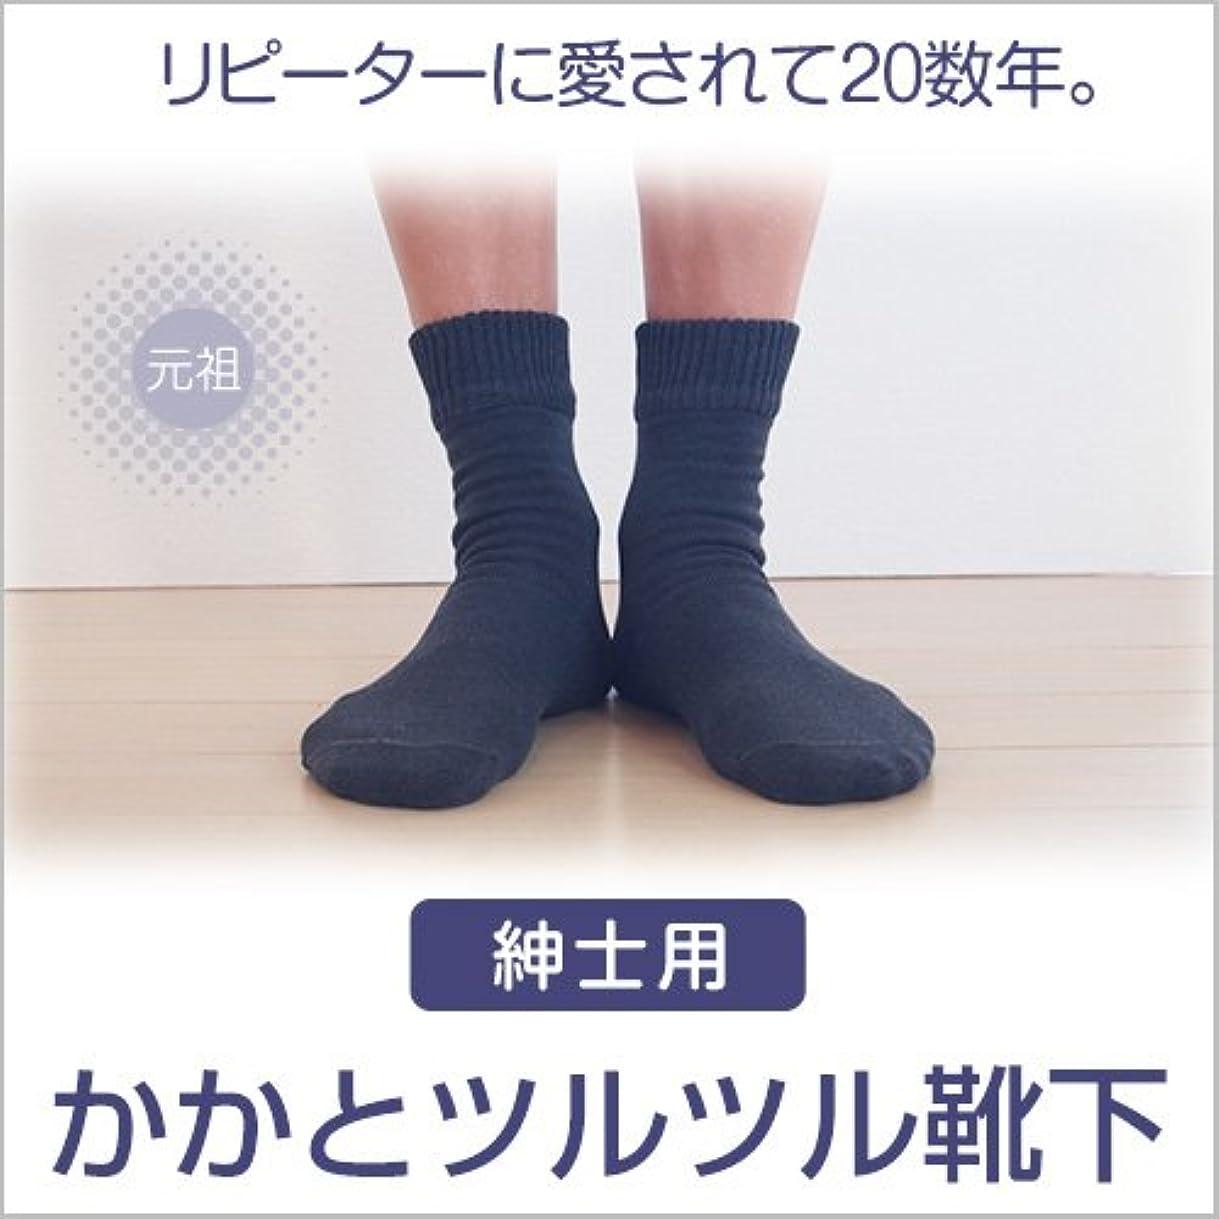 裕福な大ましい男性用 かかと ツルツル 靴下 ブラック 24-26cm 角質 ケア ひび割れ対策 太陽ニット 700